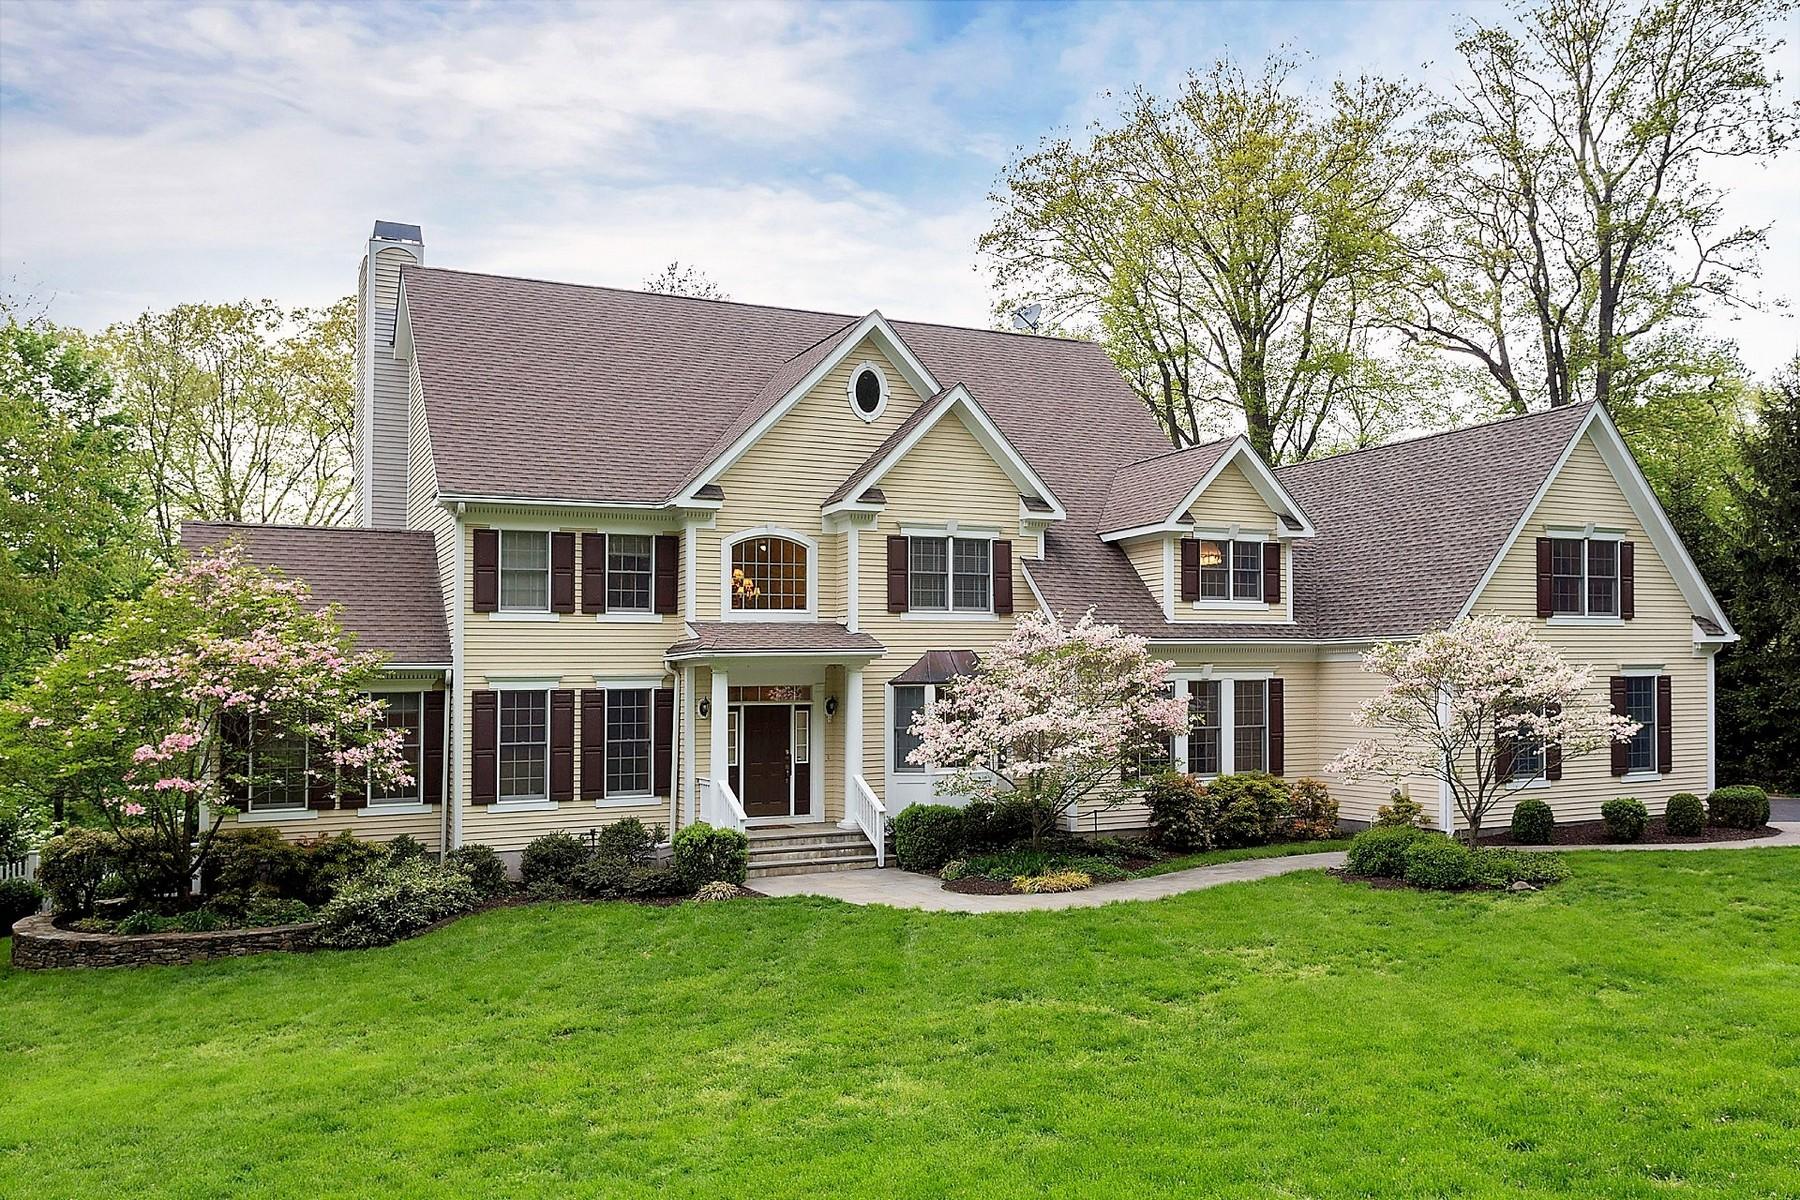 独户住宅 为 销售 在 A Grand Home For Now And Generations 3 Red Maple Ridge Croton On Hudson, 纽约州 10520 美国